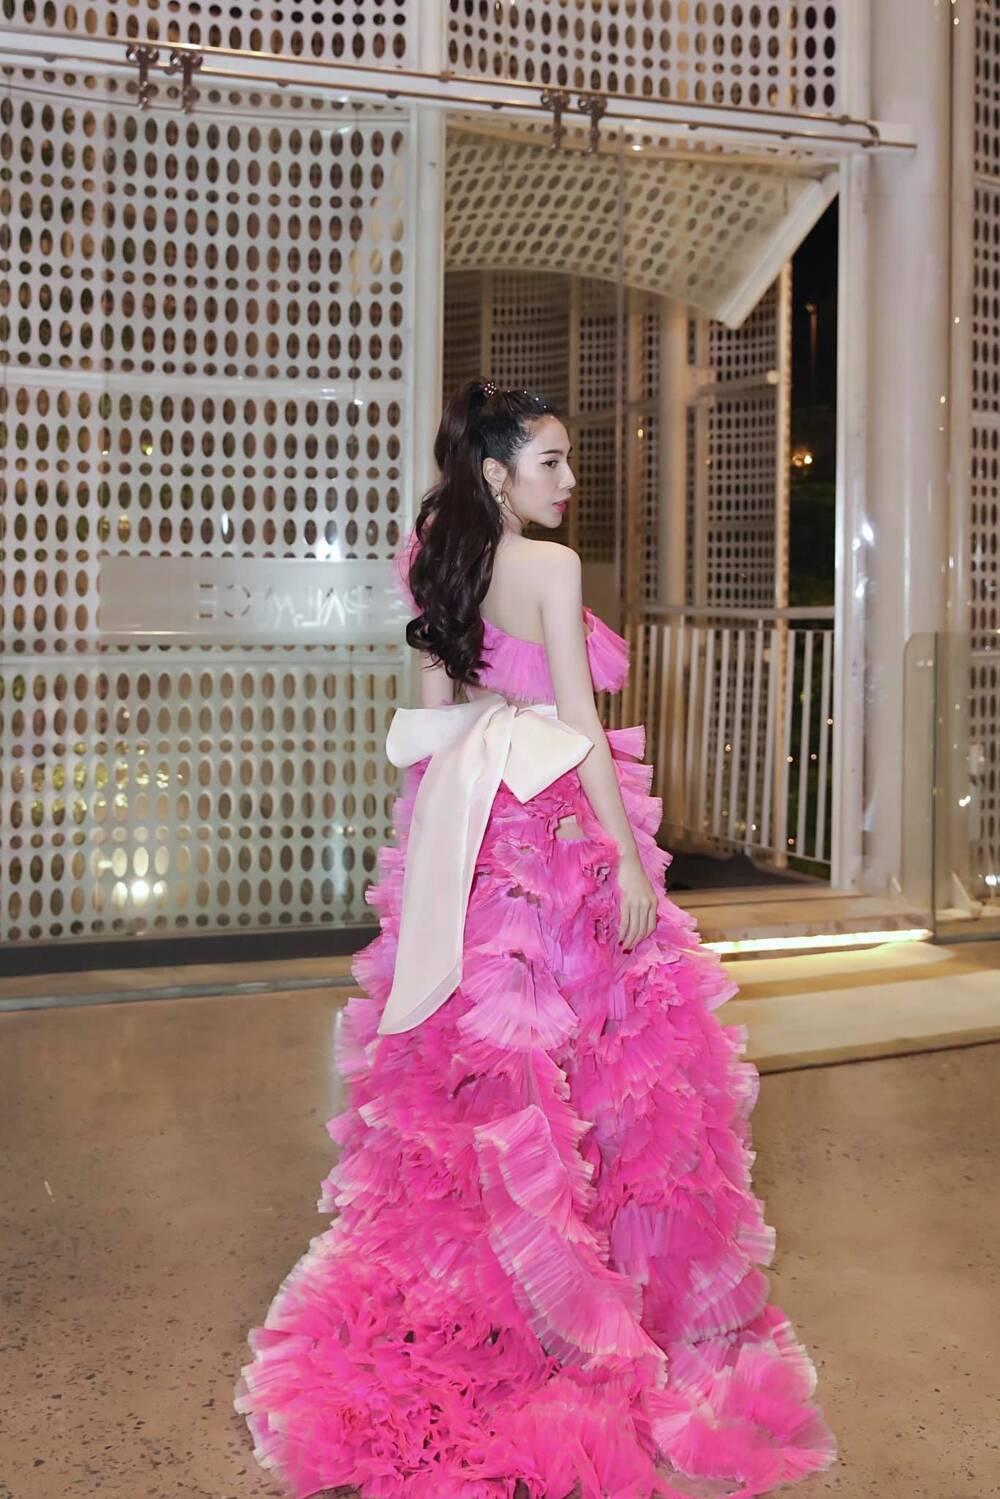 Đụng hàng Thủy Tiên, Hoa hậu Phương Khánh tự tin diện váy cắt xẻ tạo dáng trên xe buýt Ảnh 6